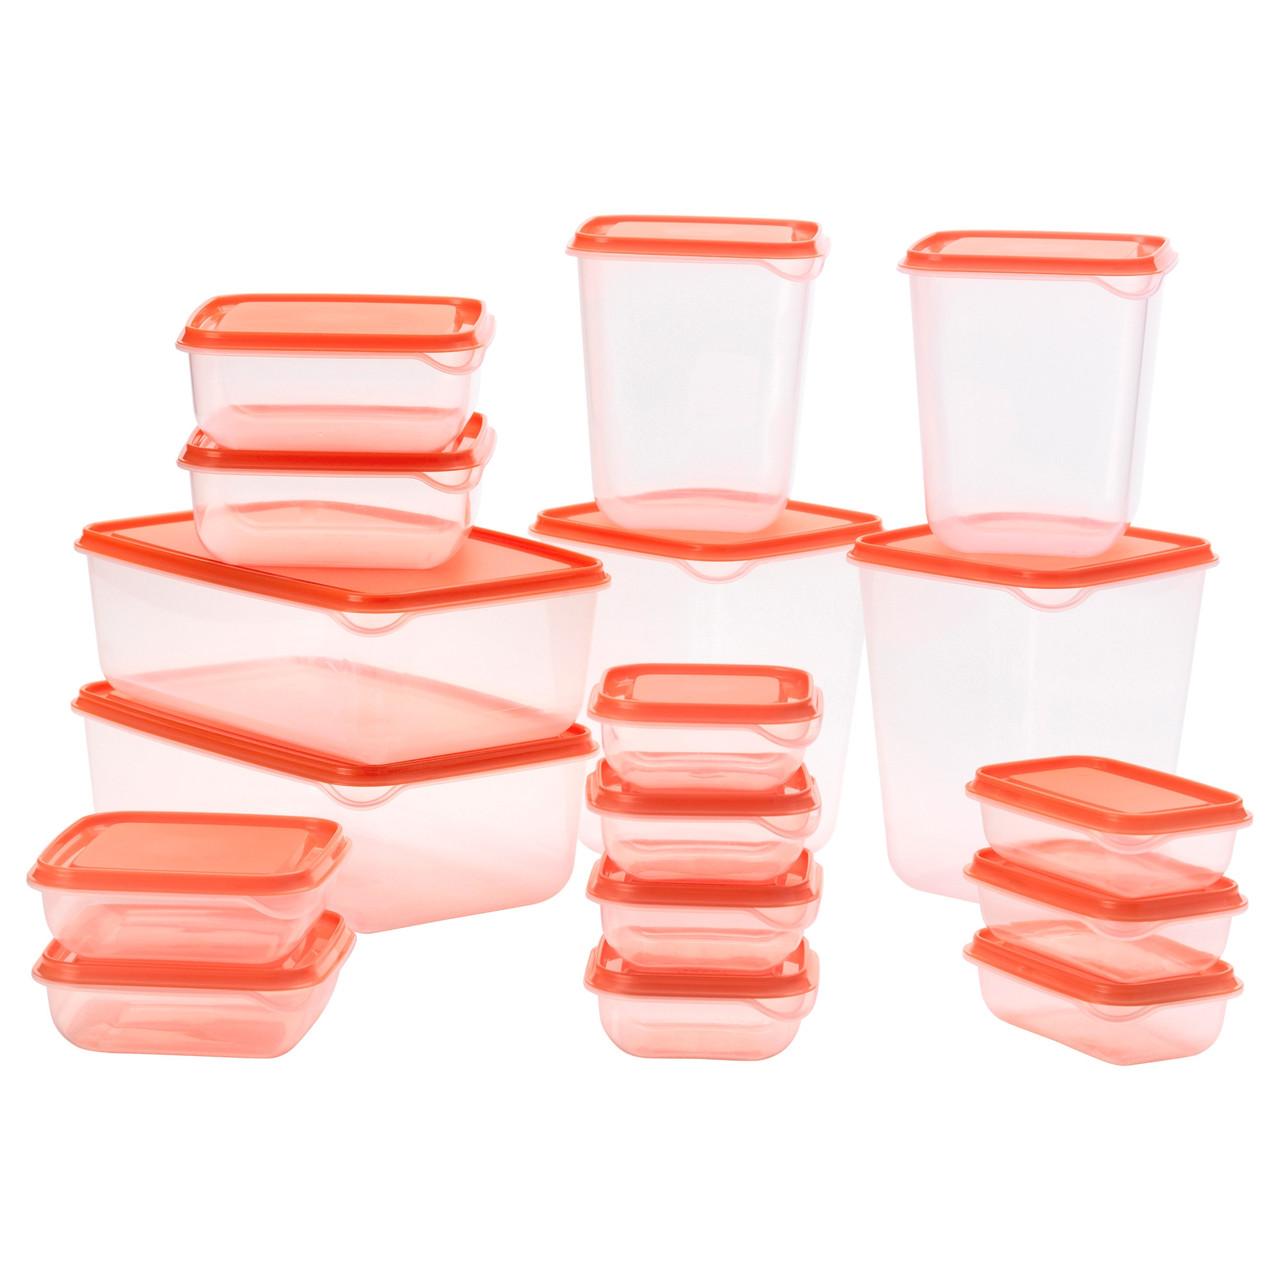 PRUTA Контейнер на продукты питания, 17 шт., прозрачный, оранжевый 802.515.51